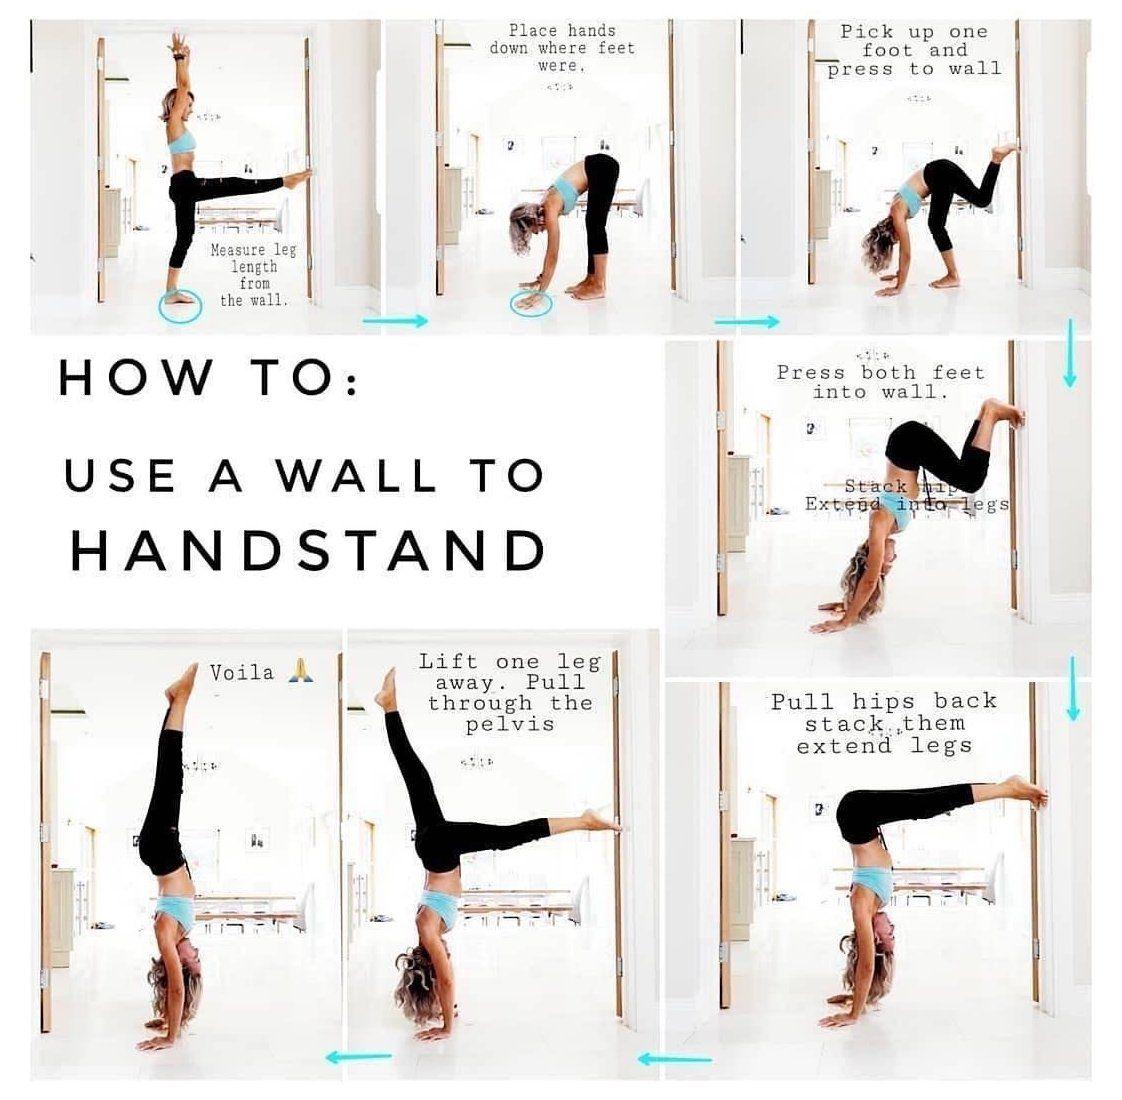 exerciții de yoga împotriva voricose video varicoză picioare în timpul sarcinii ce trebuie să faceți